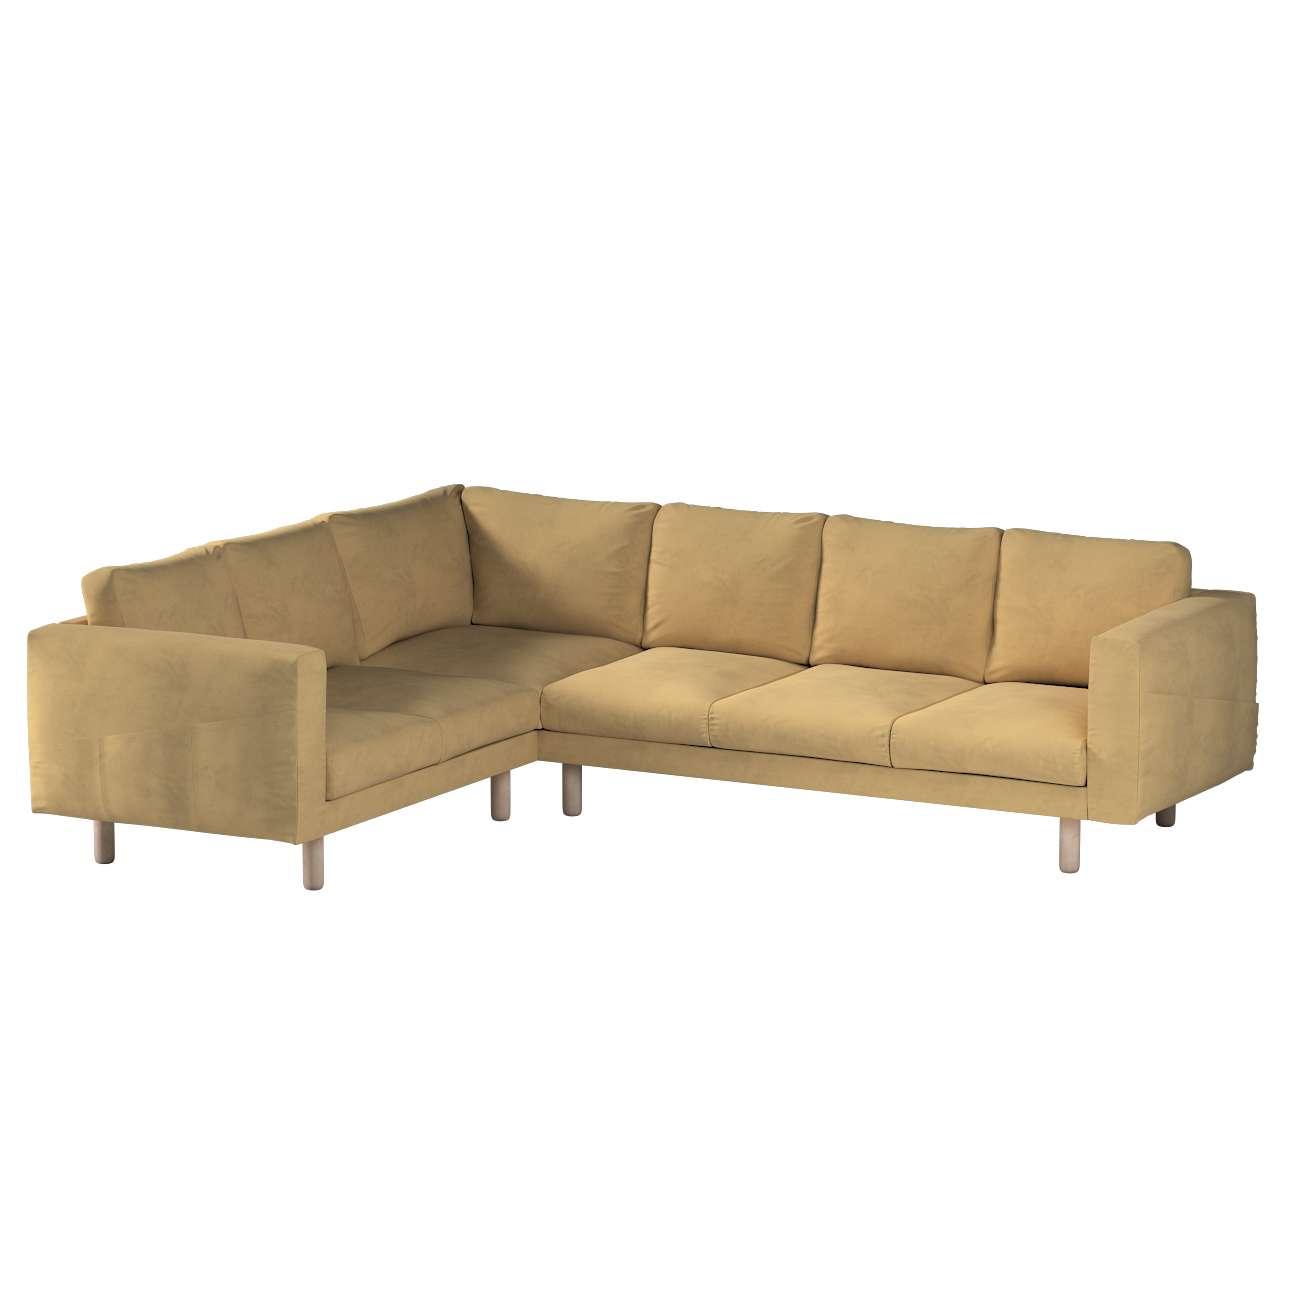 Pokrowiec na sofę narożną Norsborg 5-osobową w kolekcji Living, tkanina: 160-93